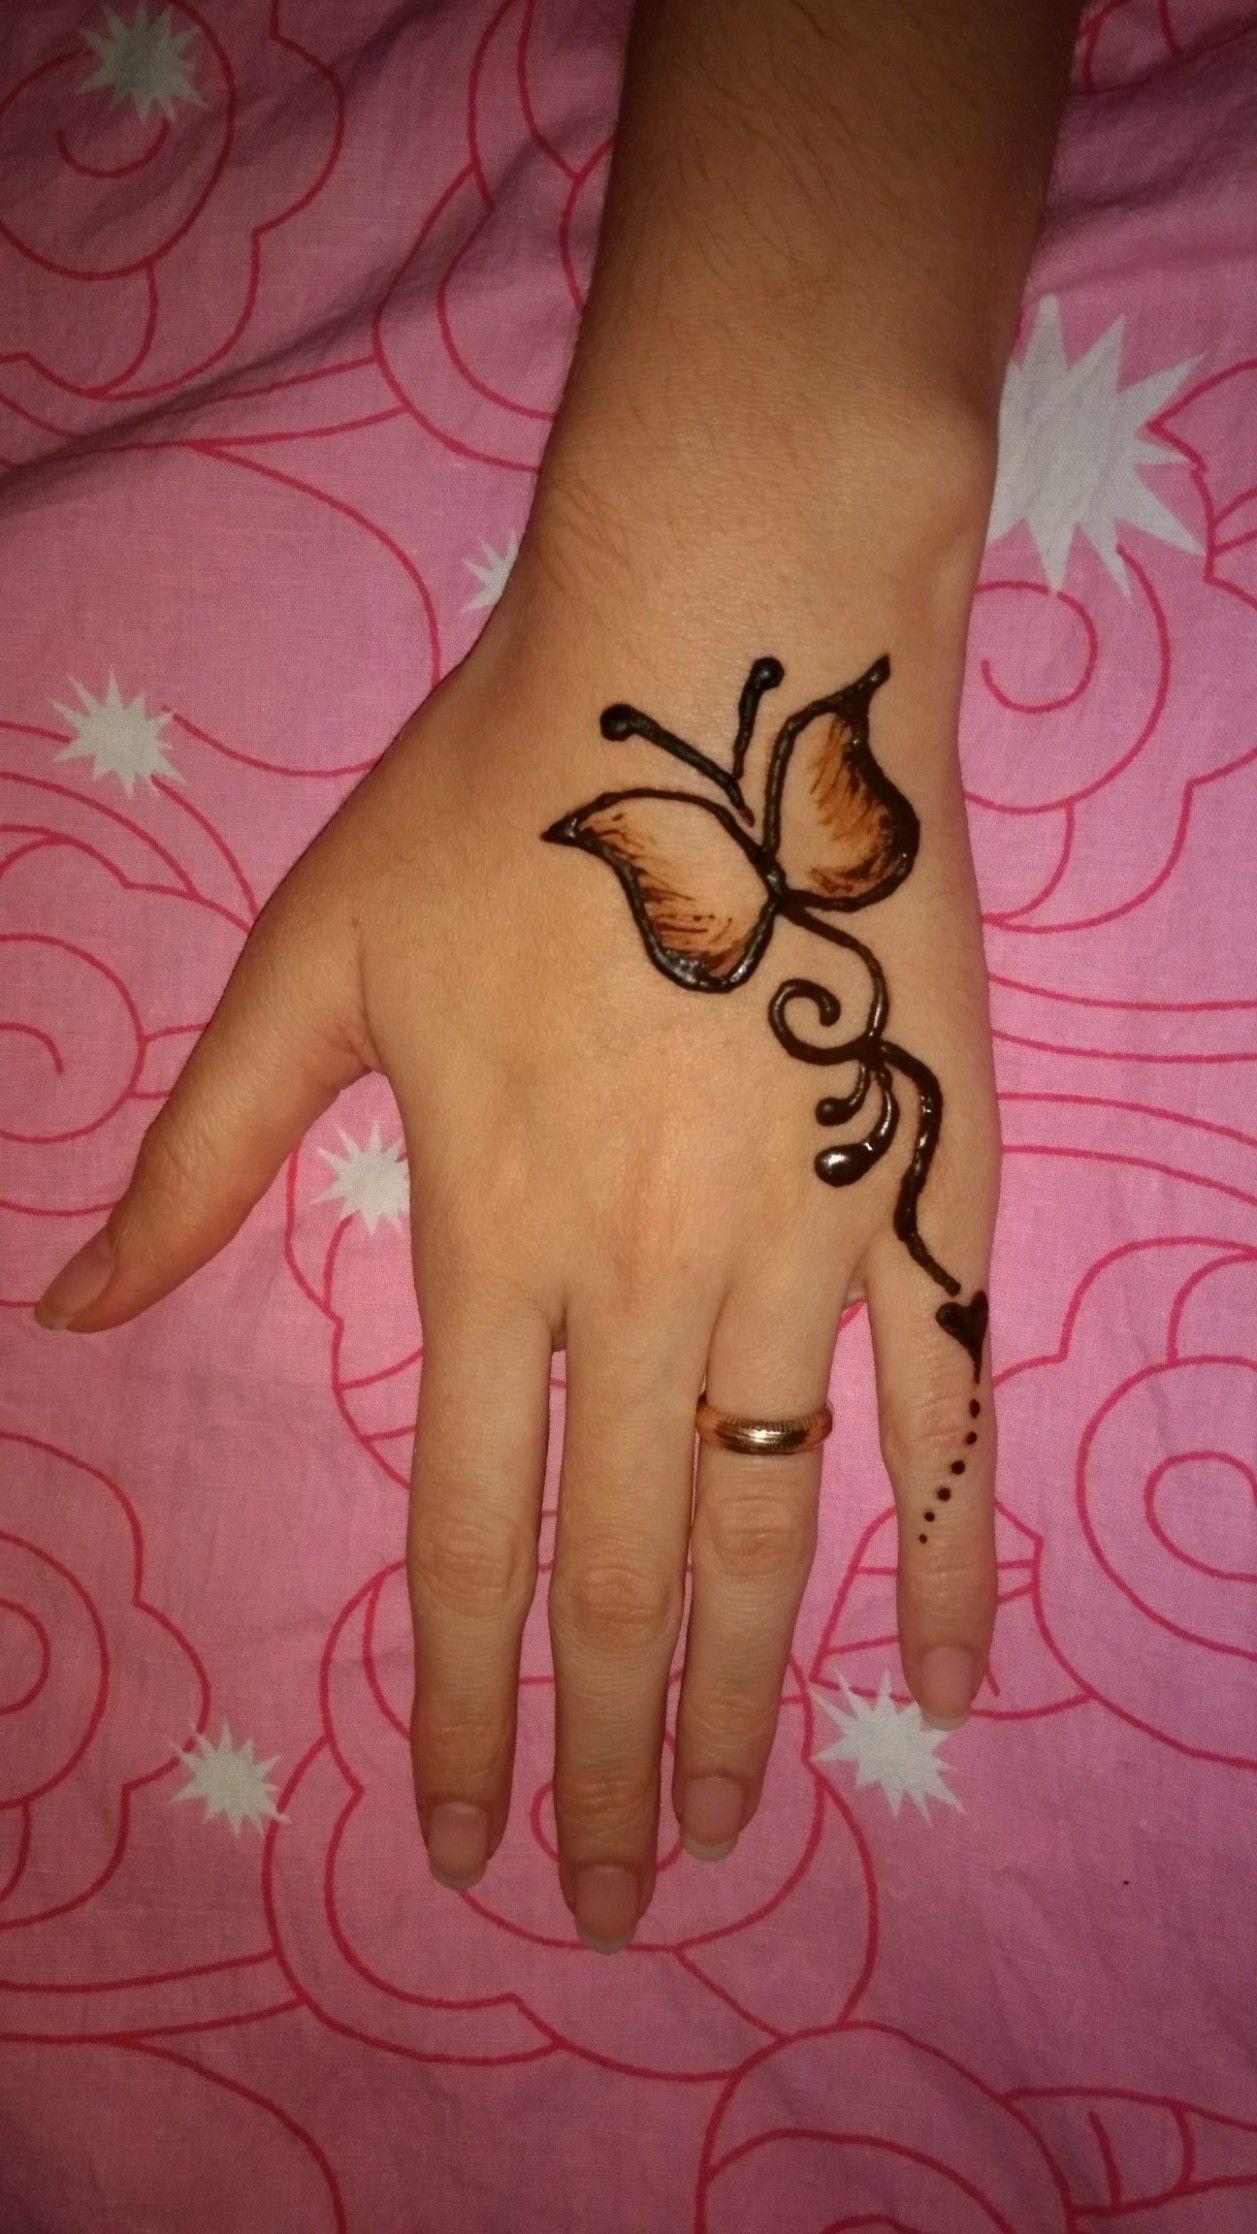 10 Straightforward Methods To Facilitate Easy Henna Tattoo Designs For Children Easy Hen Henna Tattoo Designs Simple Simple Henna Tattoo Henna Tattoo Designs